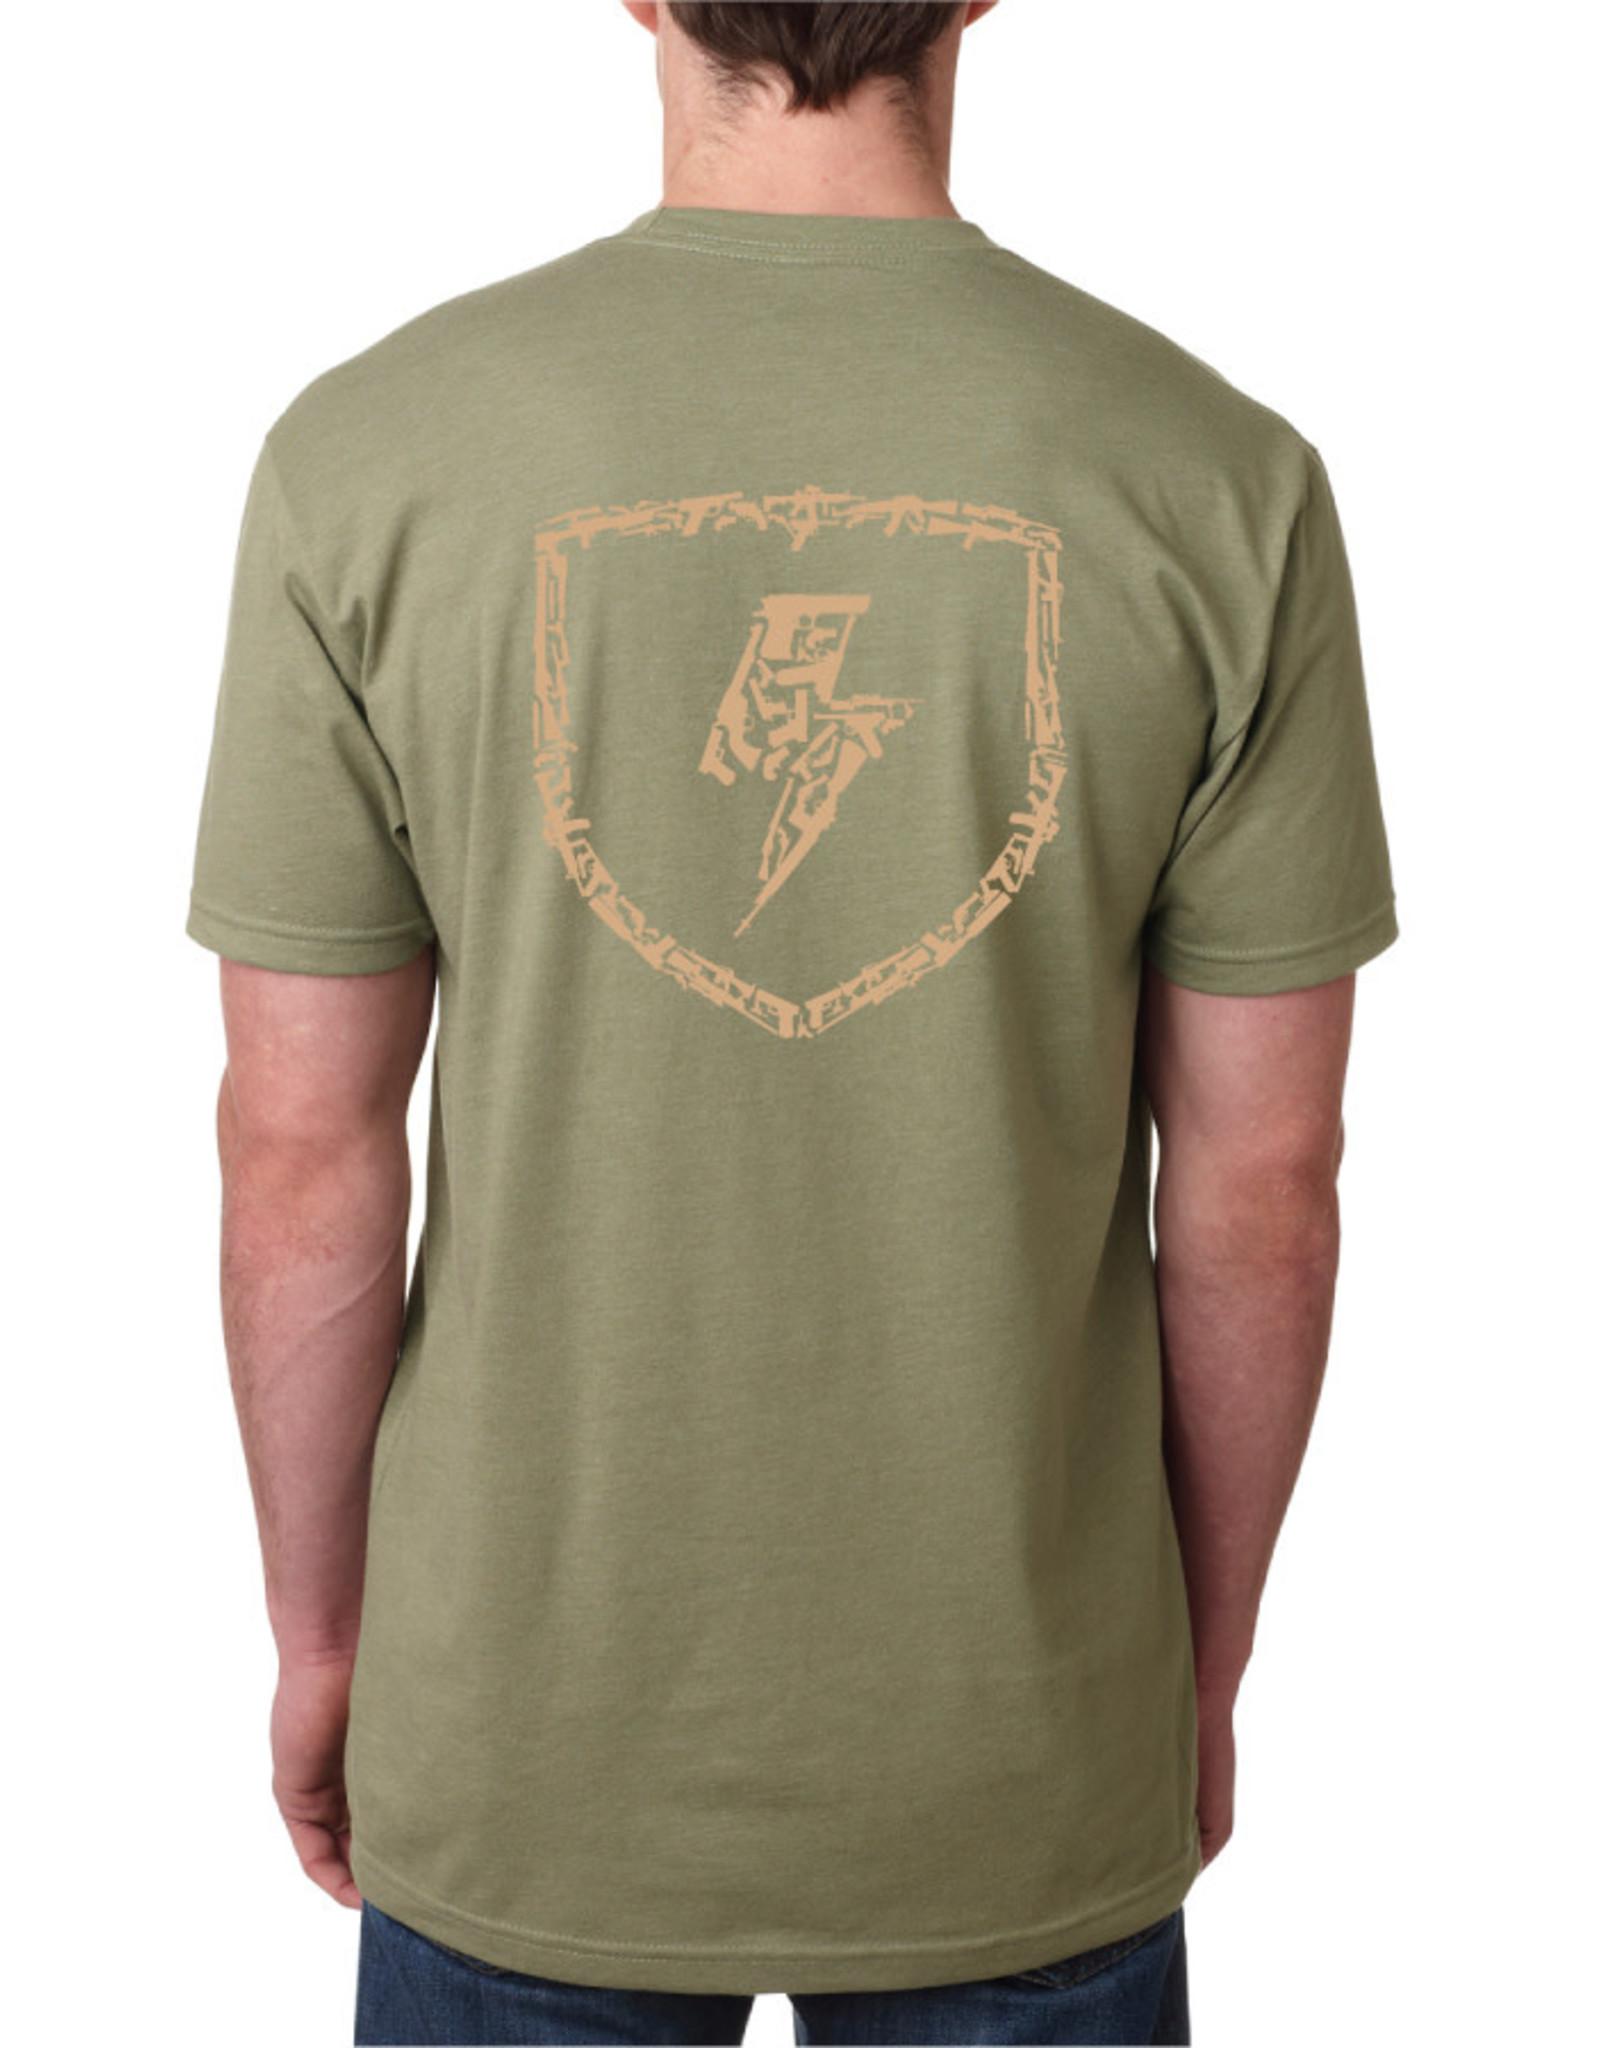 Defender Outdoors Gun Shield T-Shirt